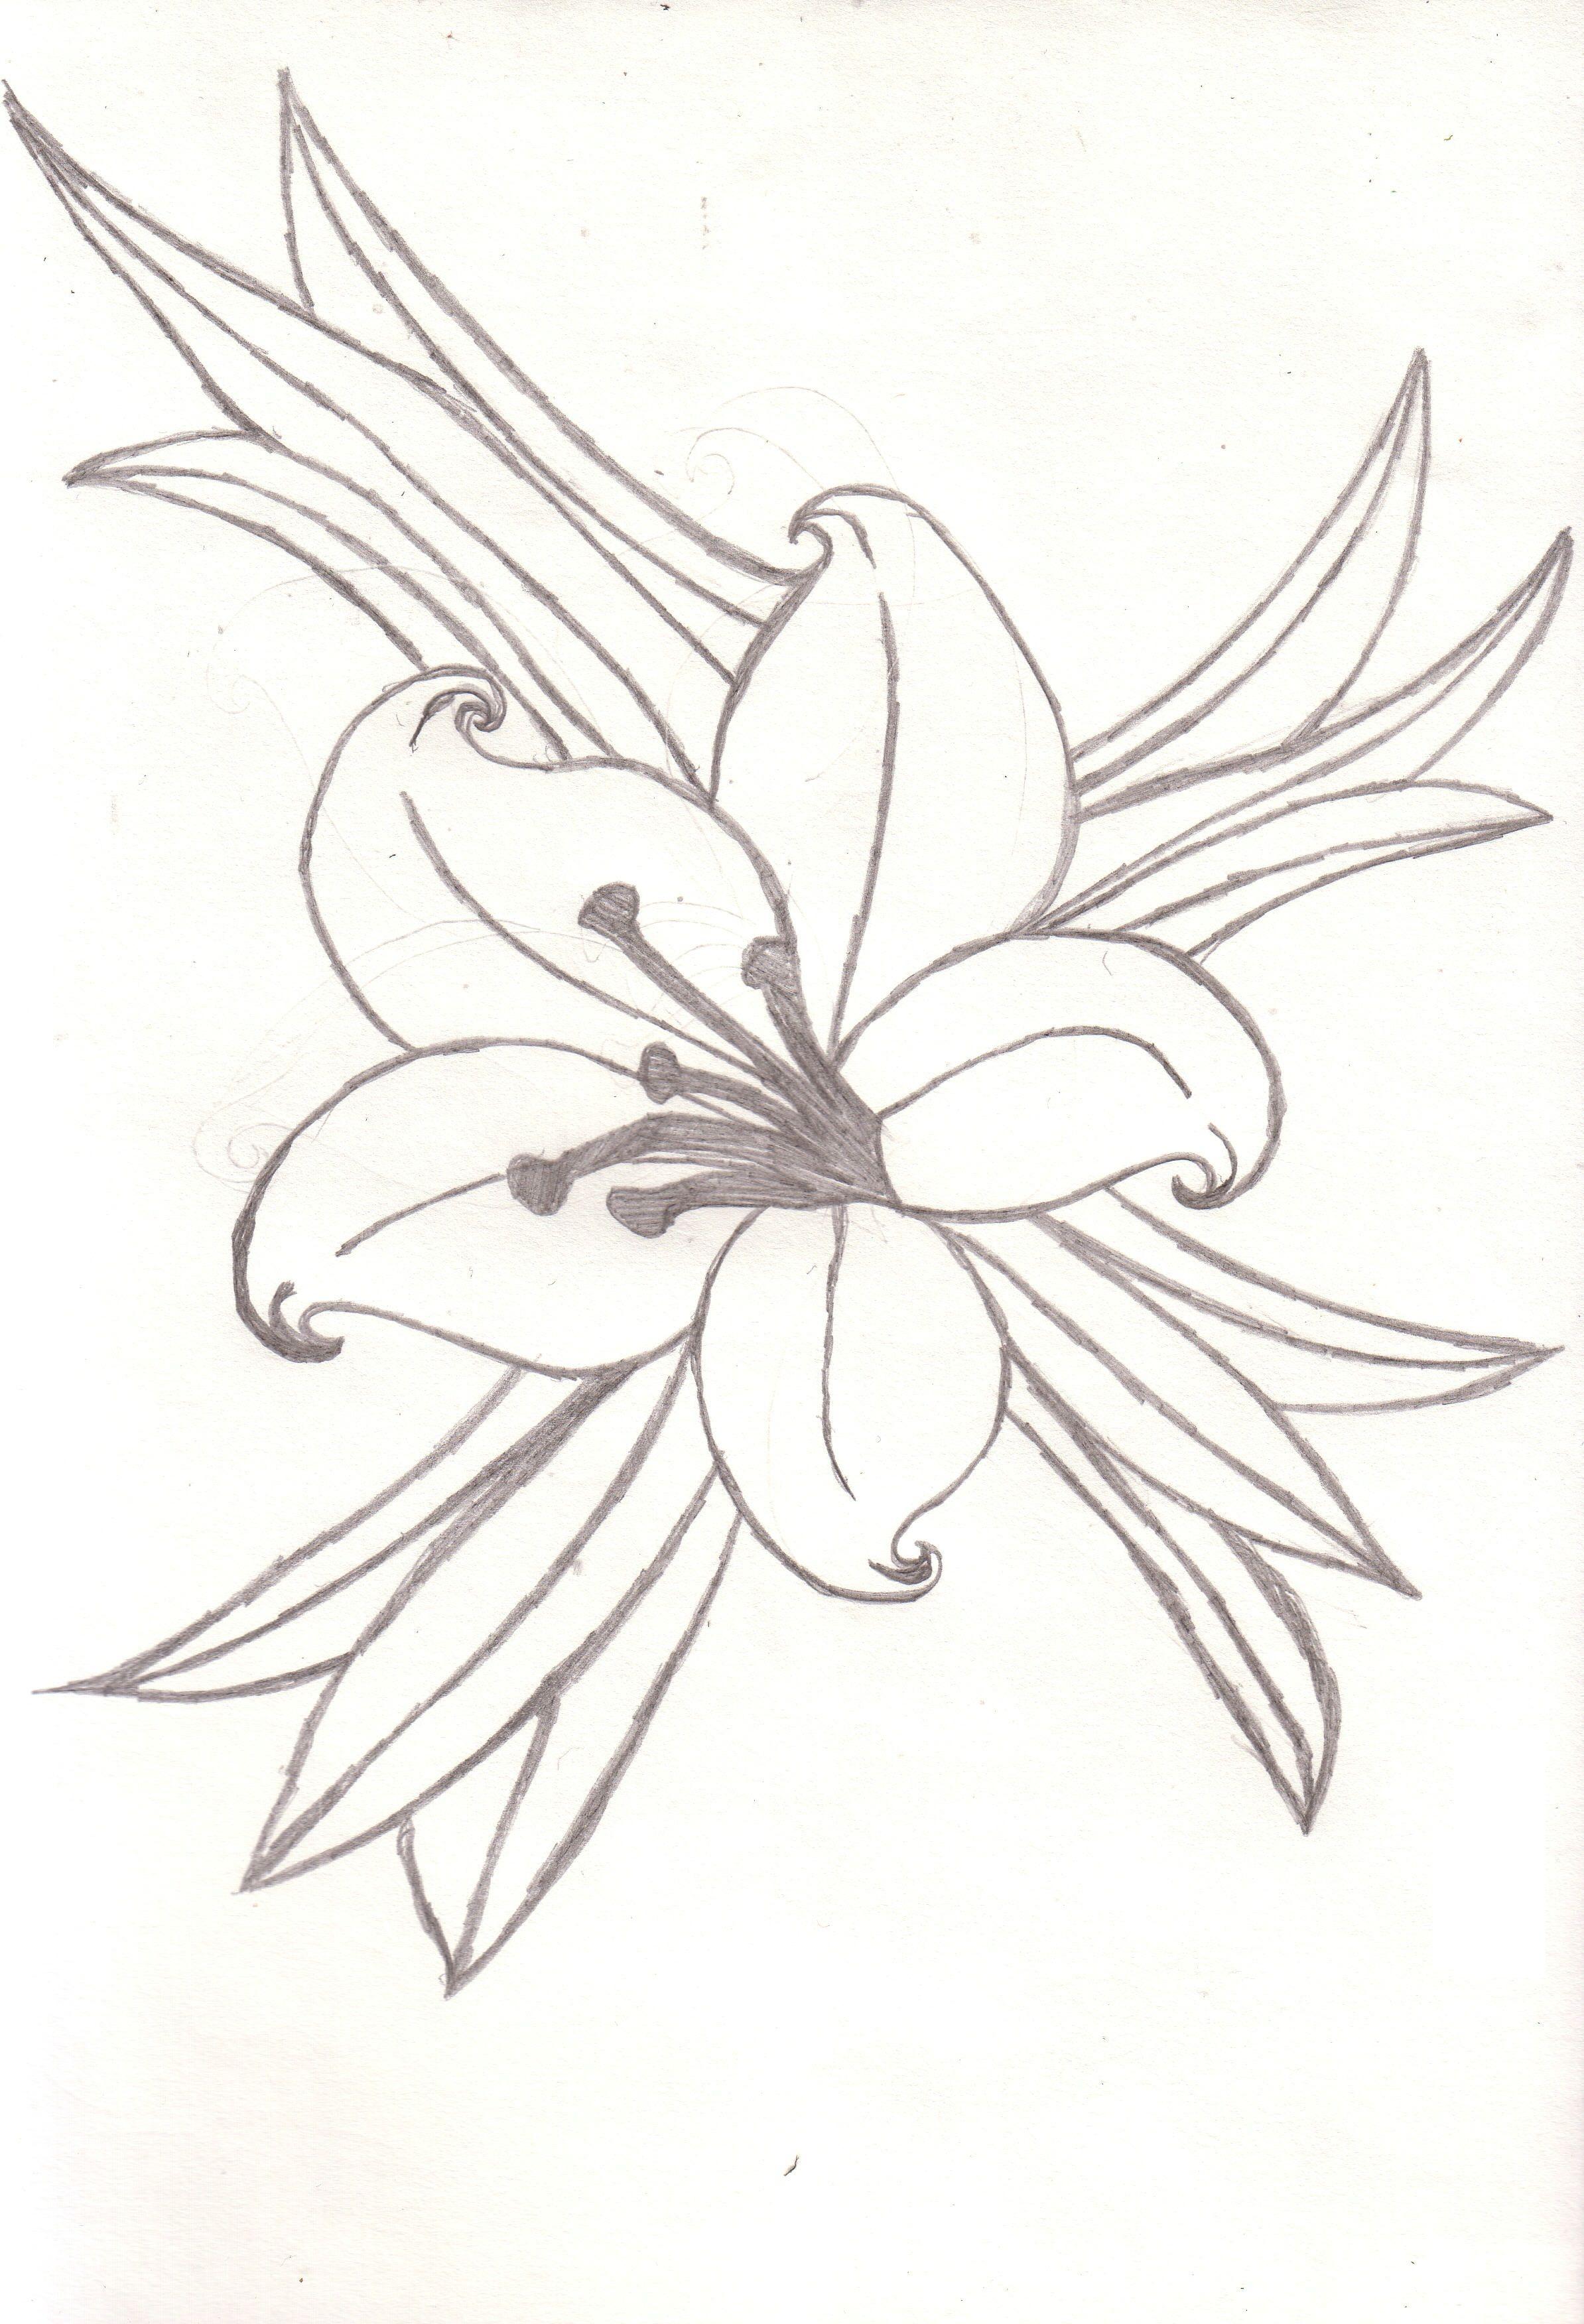 Spider lily tattoo meaning lilies tattoo designs tattoo ideas spider lily tattoo meaning lilies tattoo designs izmirmasajfo